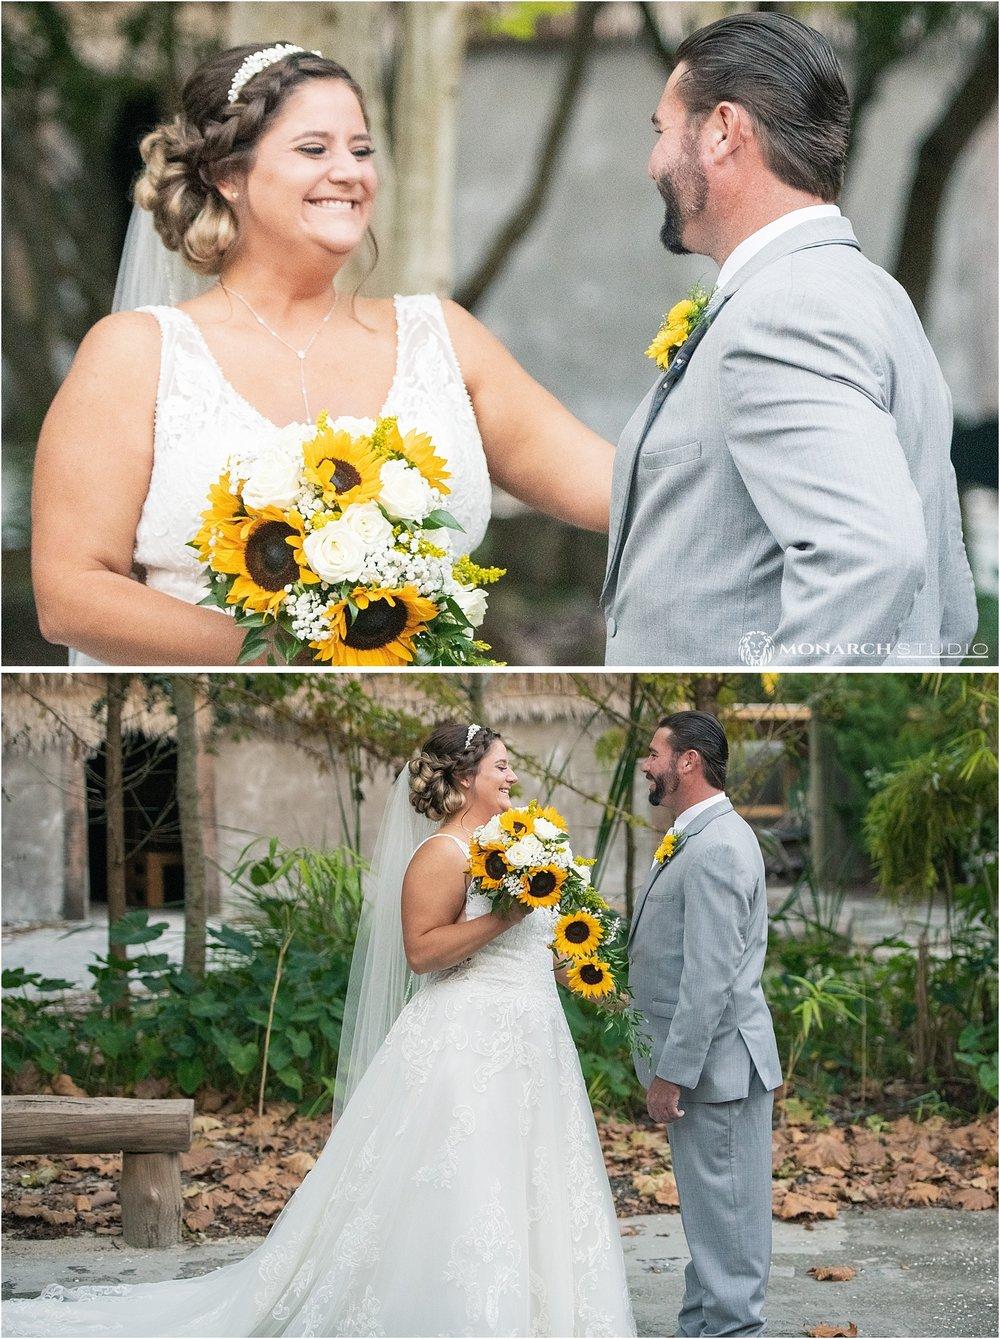 rustic-st-augustine-wedding-spots-012.jpg